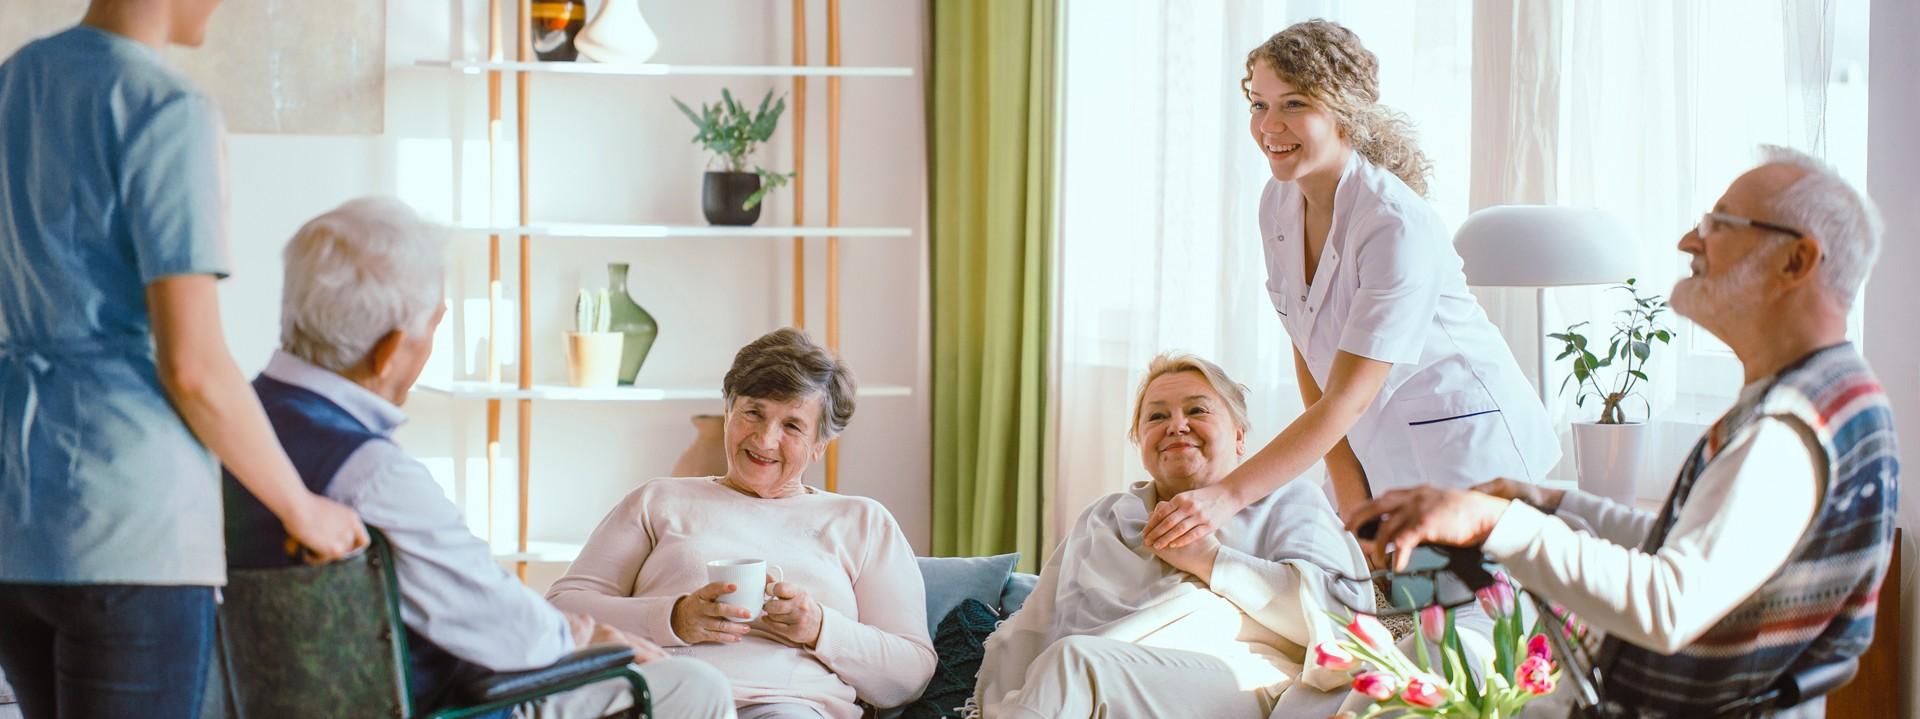 Vier Senioren und Seniorinnen sitzen zusammen. Neben ihnen stehen zwei Pflegerinnen.